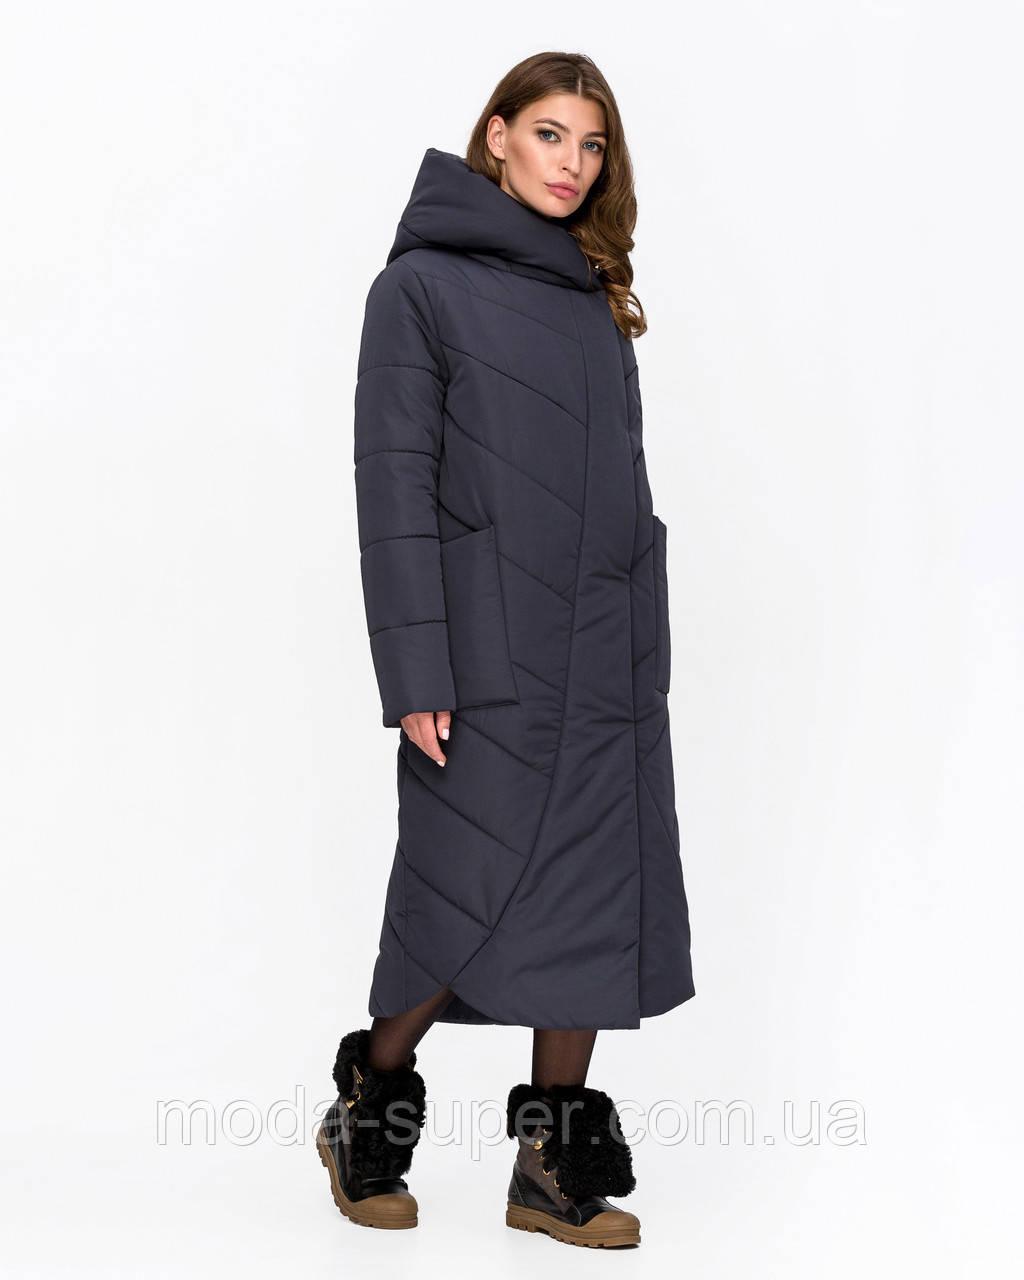 Длинная зимняя куртка-одеяло рр 44-58